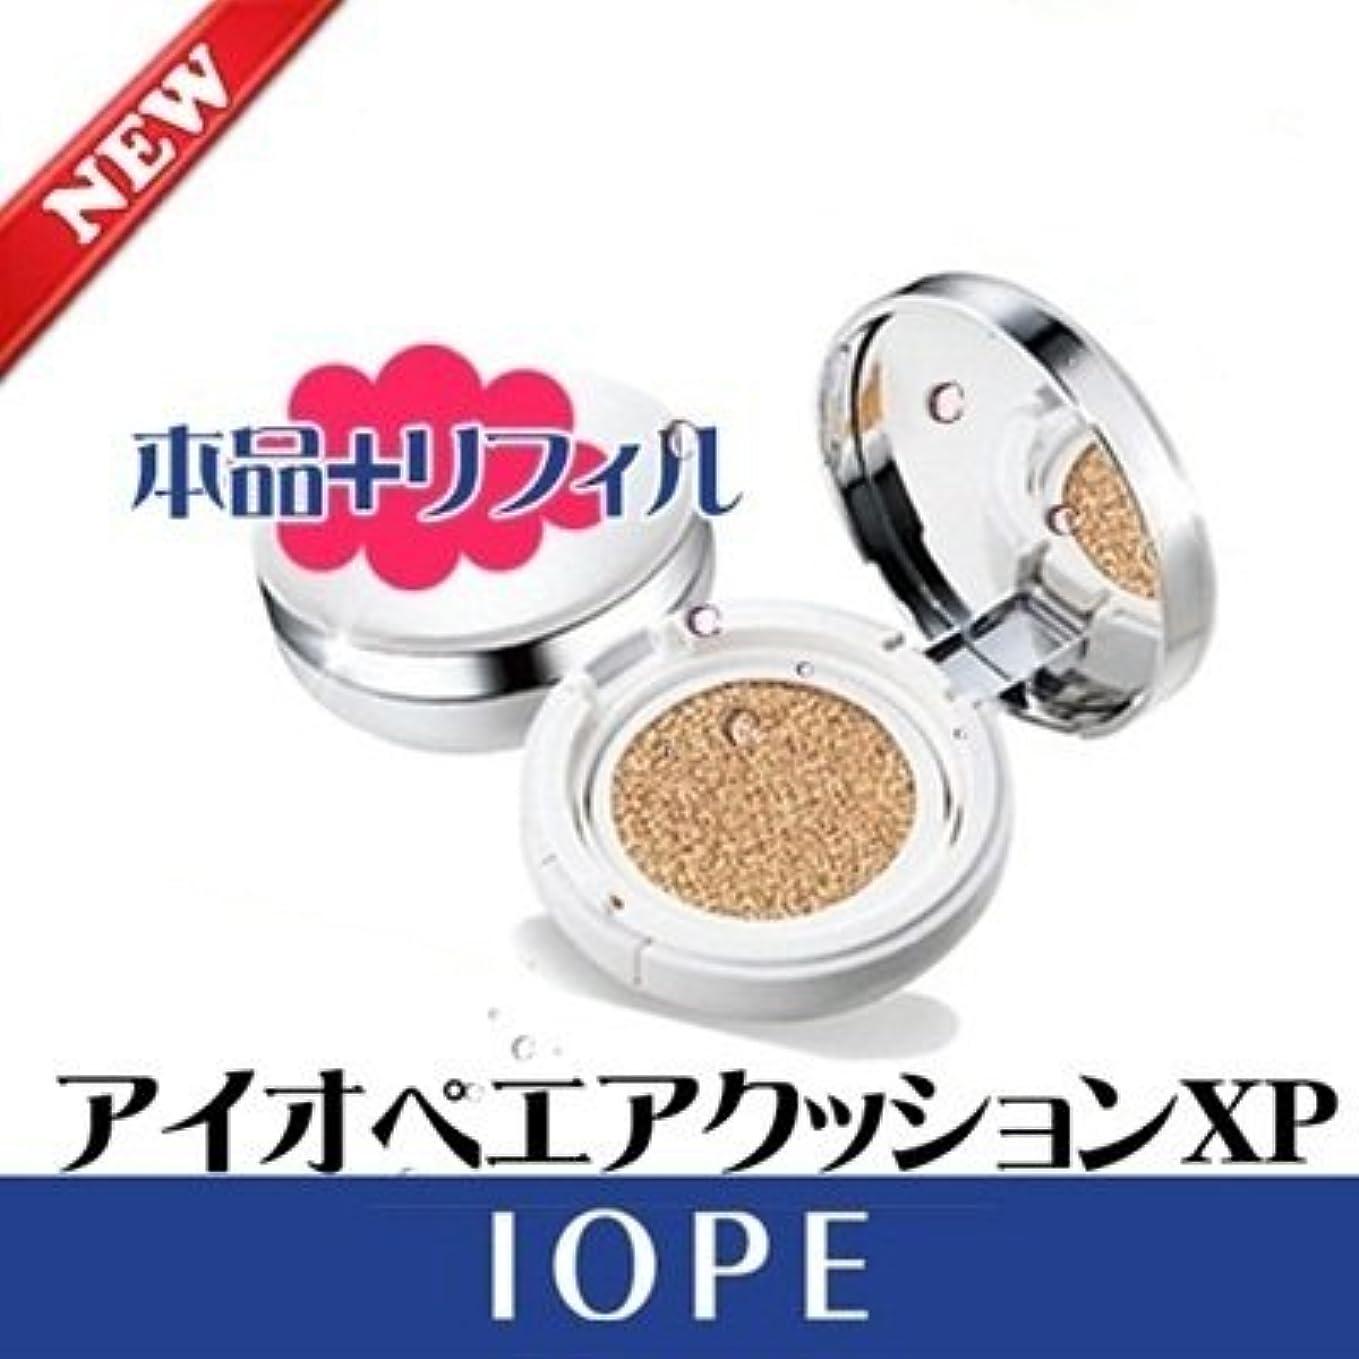 一般財団露出度の高い[韓国コスメ]IOPE[アイオペ ] エアークッション Natural XP 23号[海外直送品]